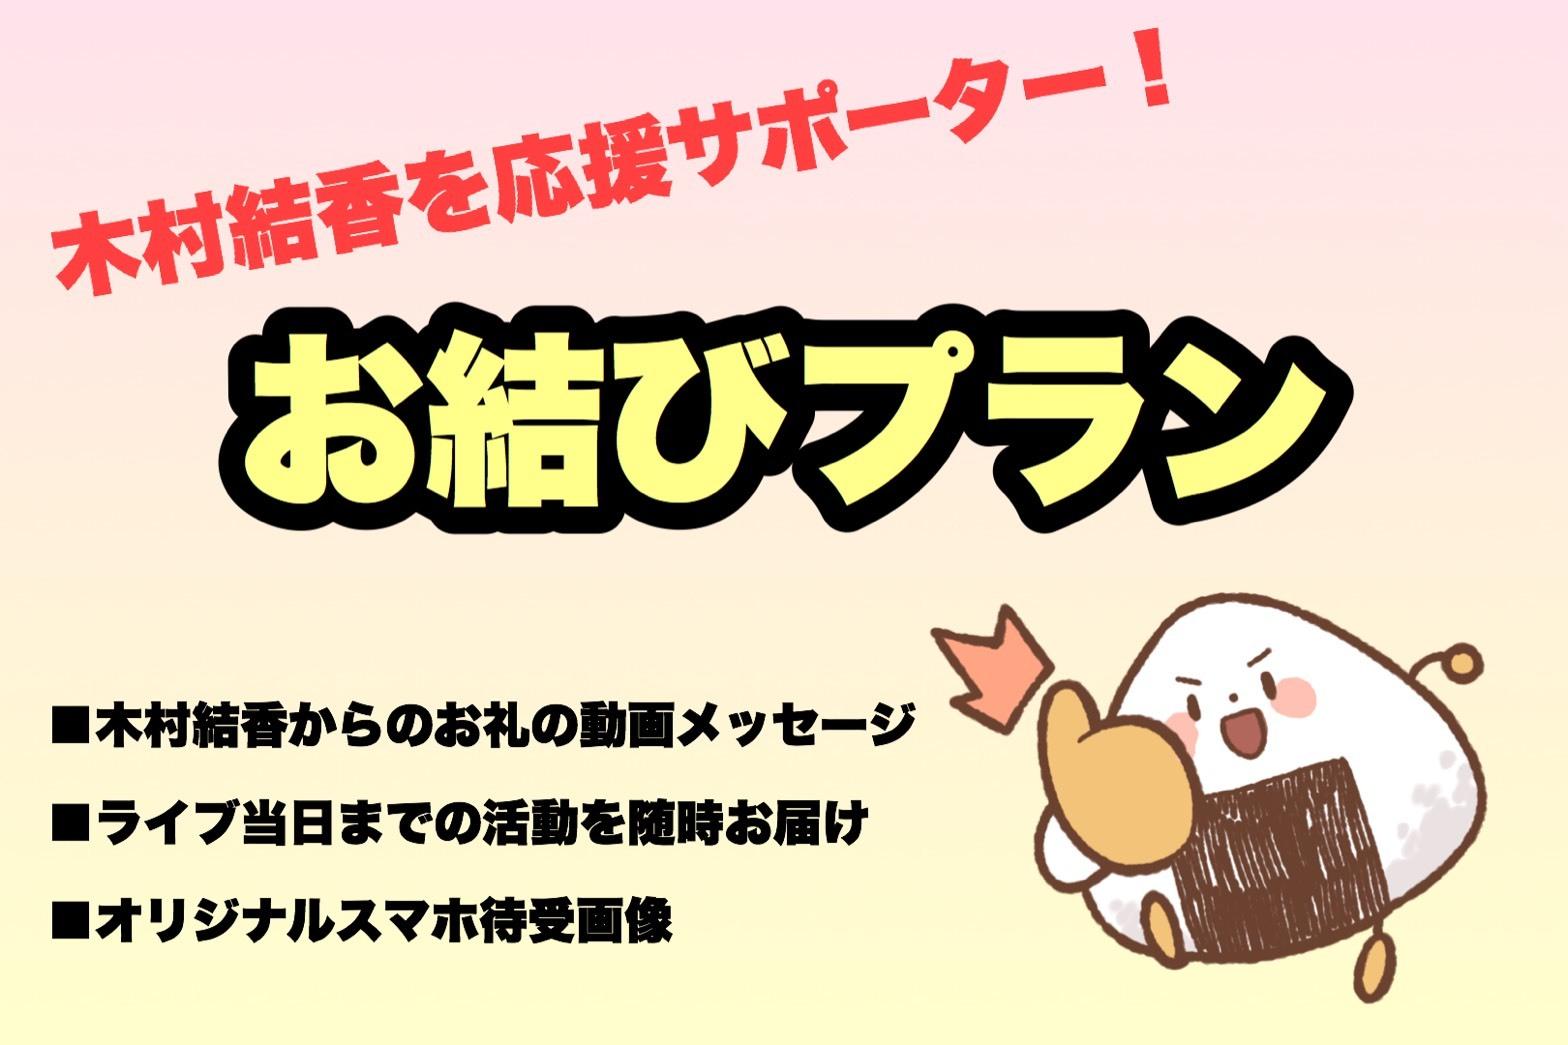 <木村結香を応援サポーター プラン>